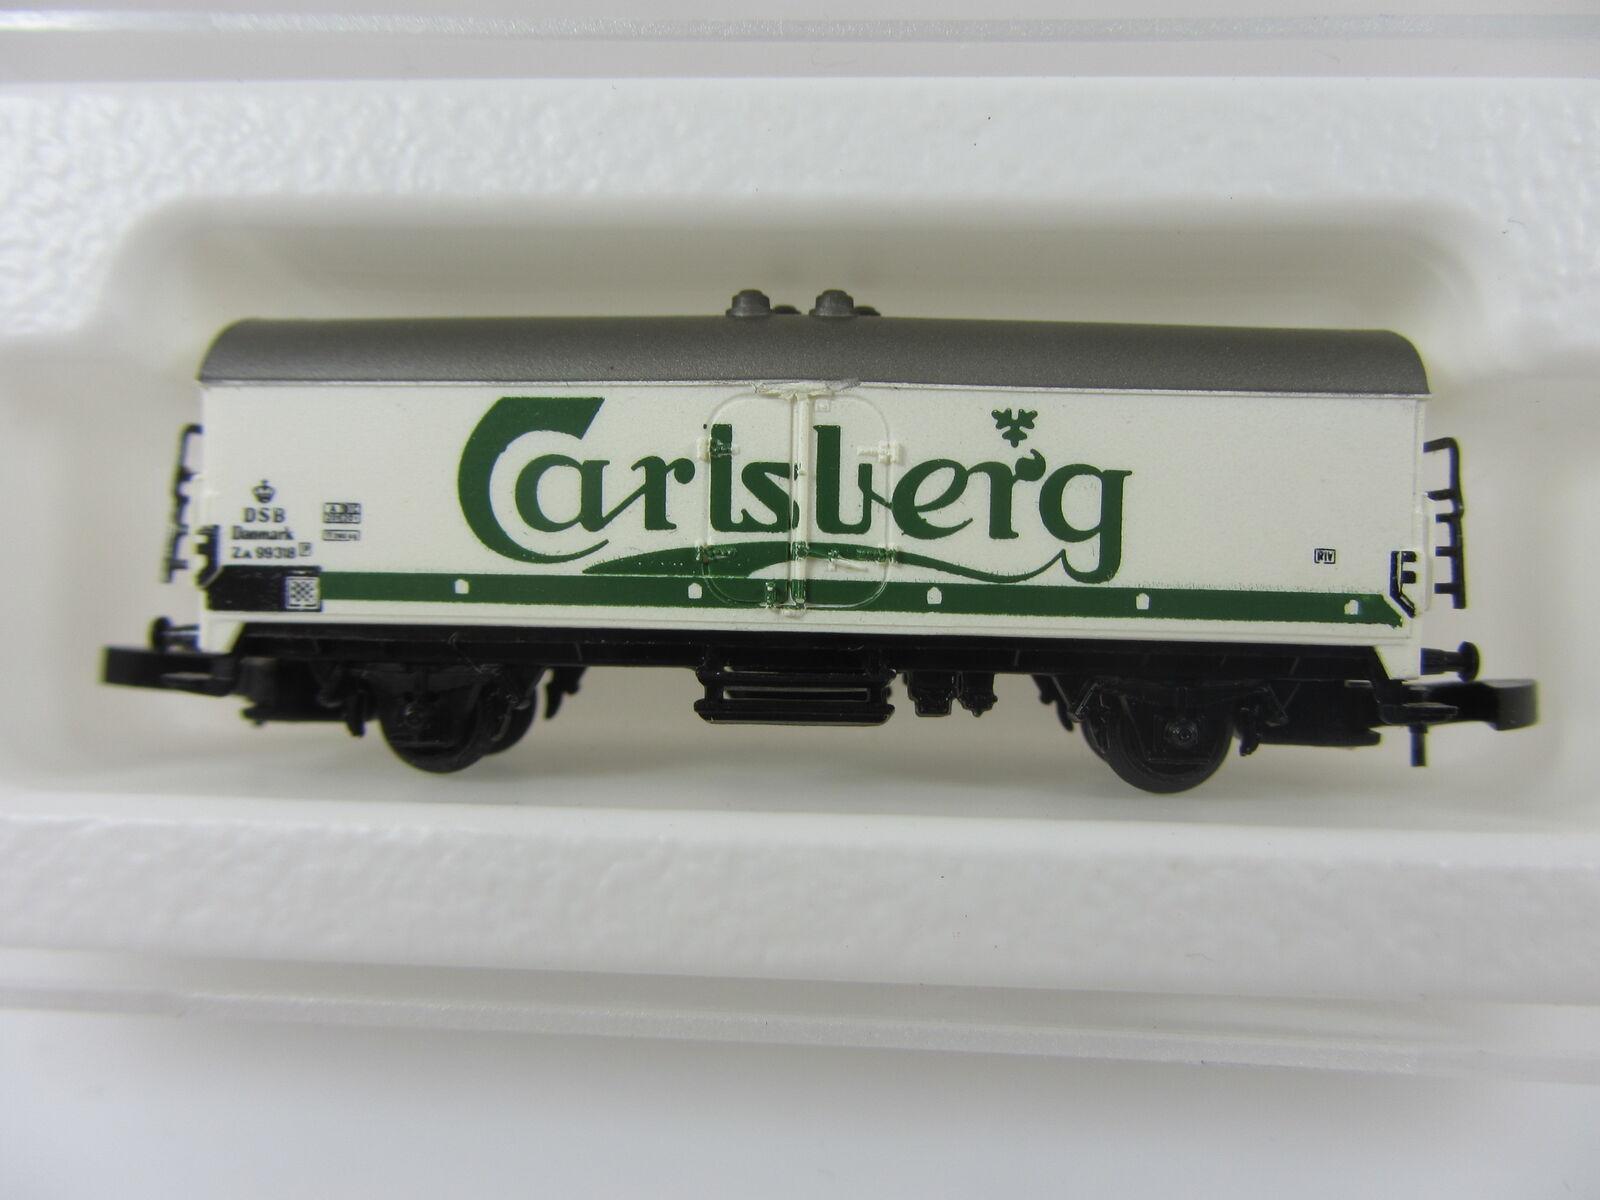 8600 CARRO BIRRA BIRRA CARLSBERG Danimarca DSB molto raramente M. imballaggio